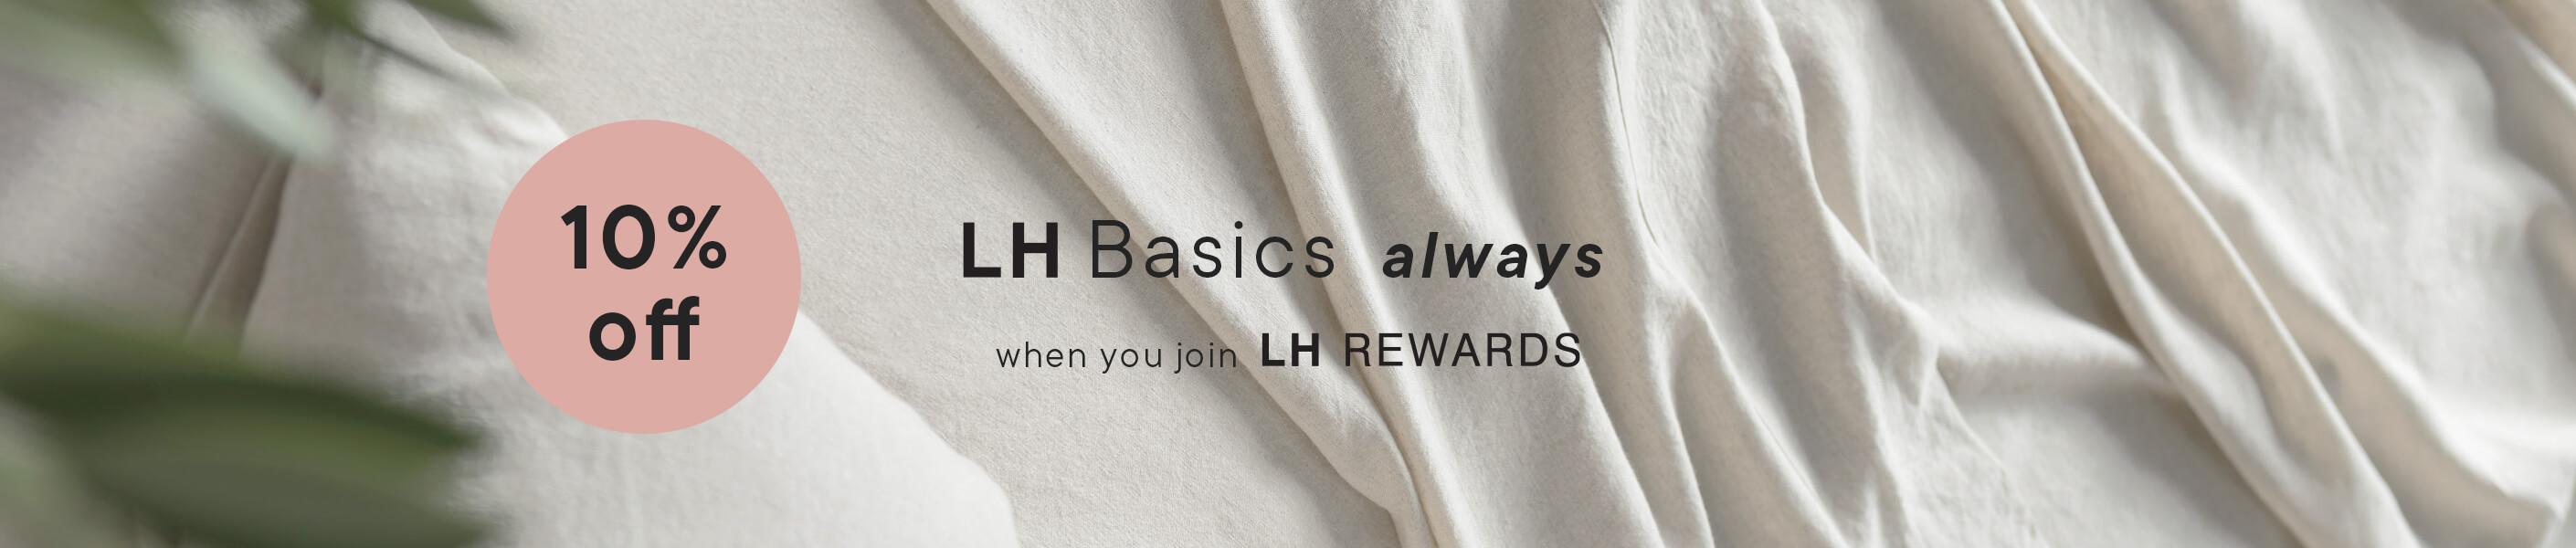 LH BASICS